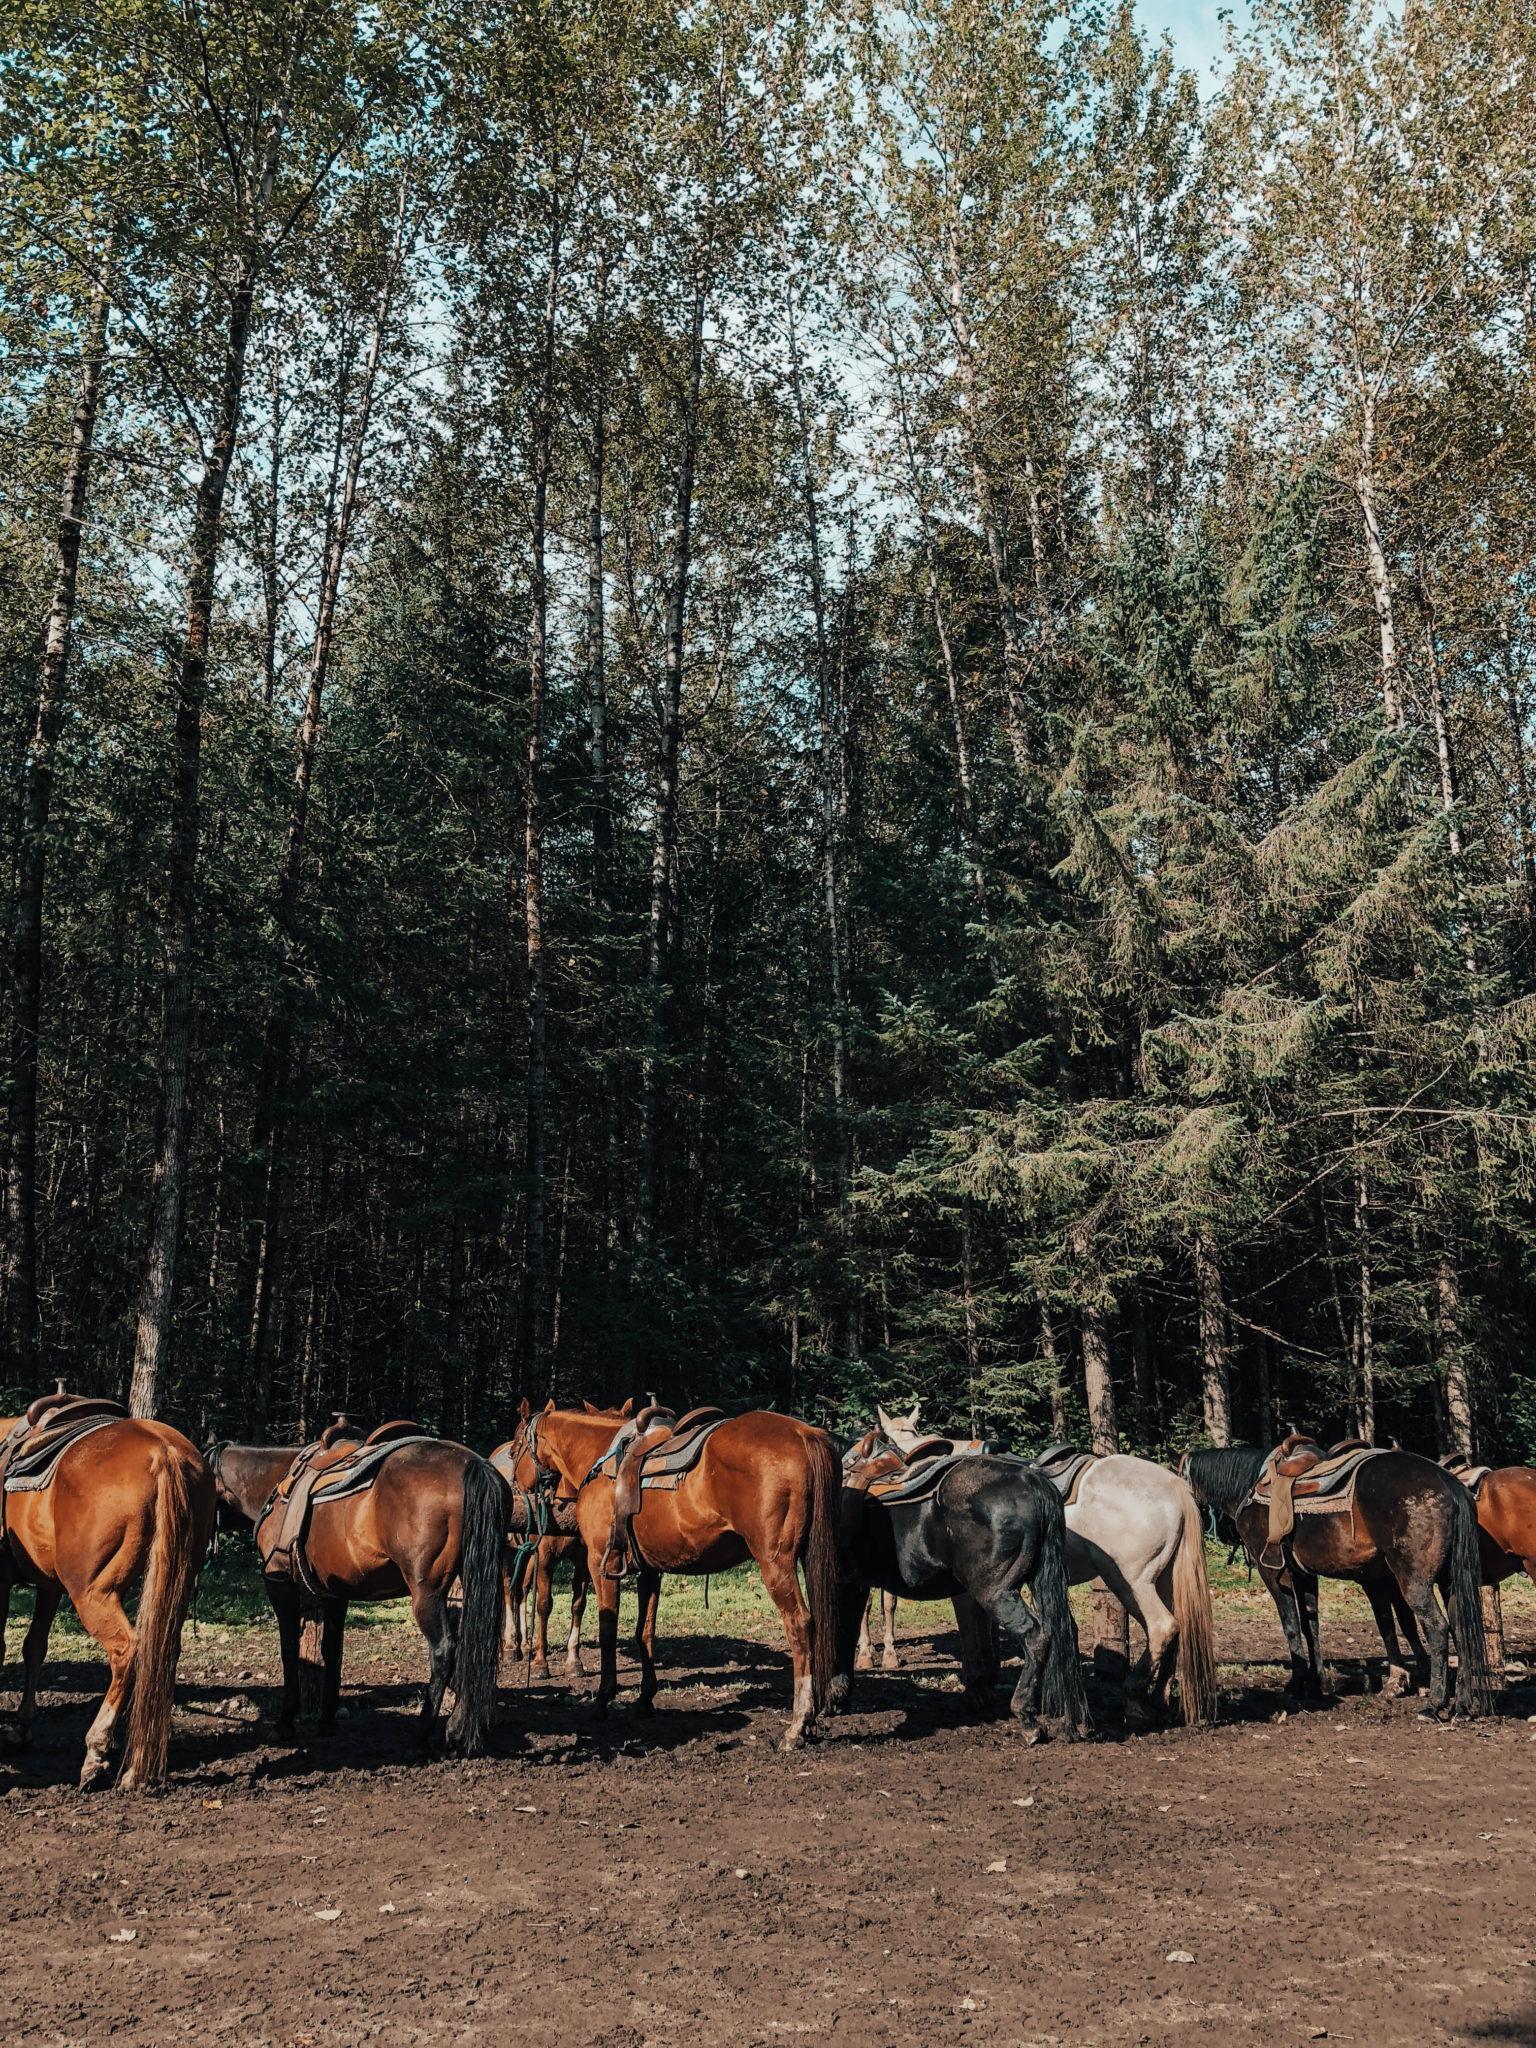 horseback riding   Alaskan photo diary